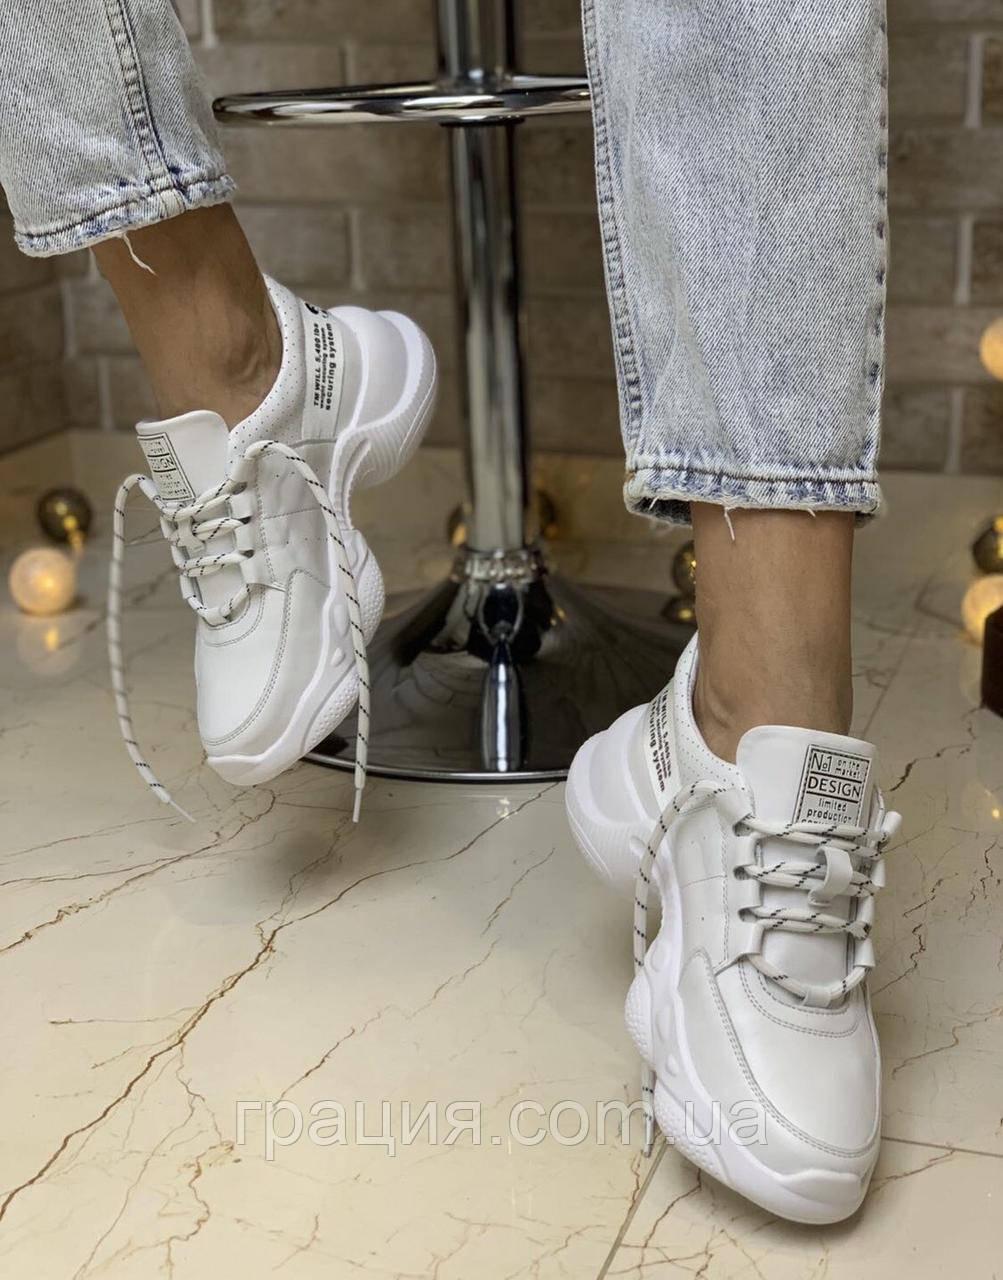 Женские кроссовки на платформе из натуральной кожи